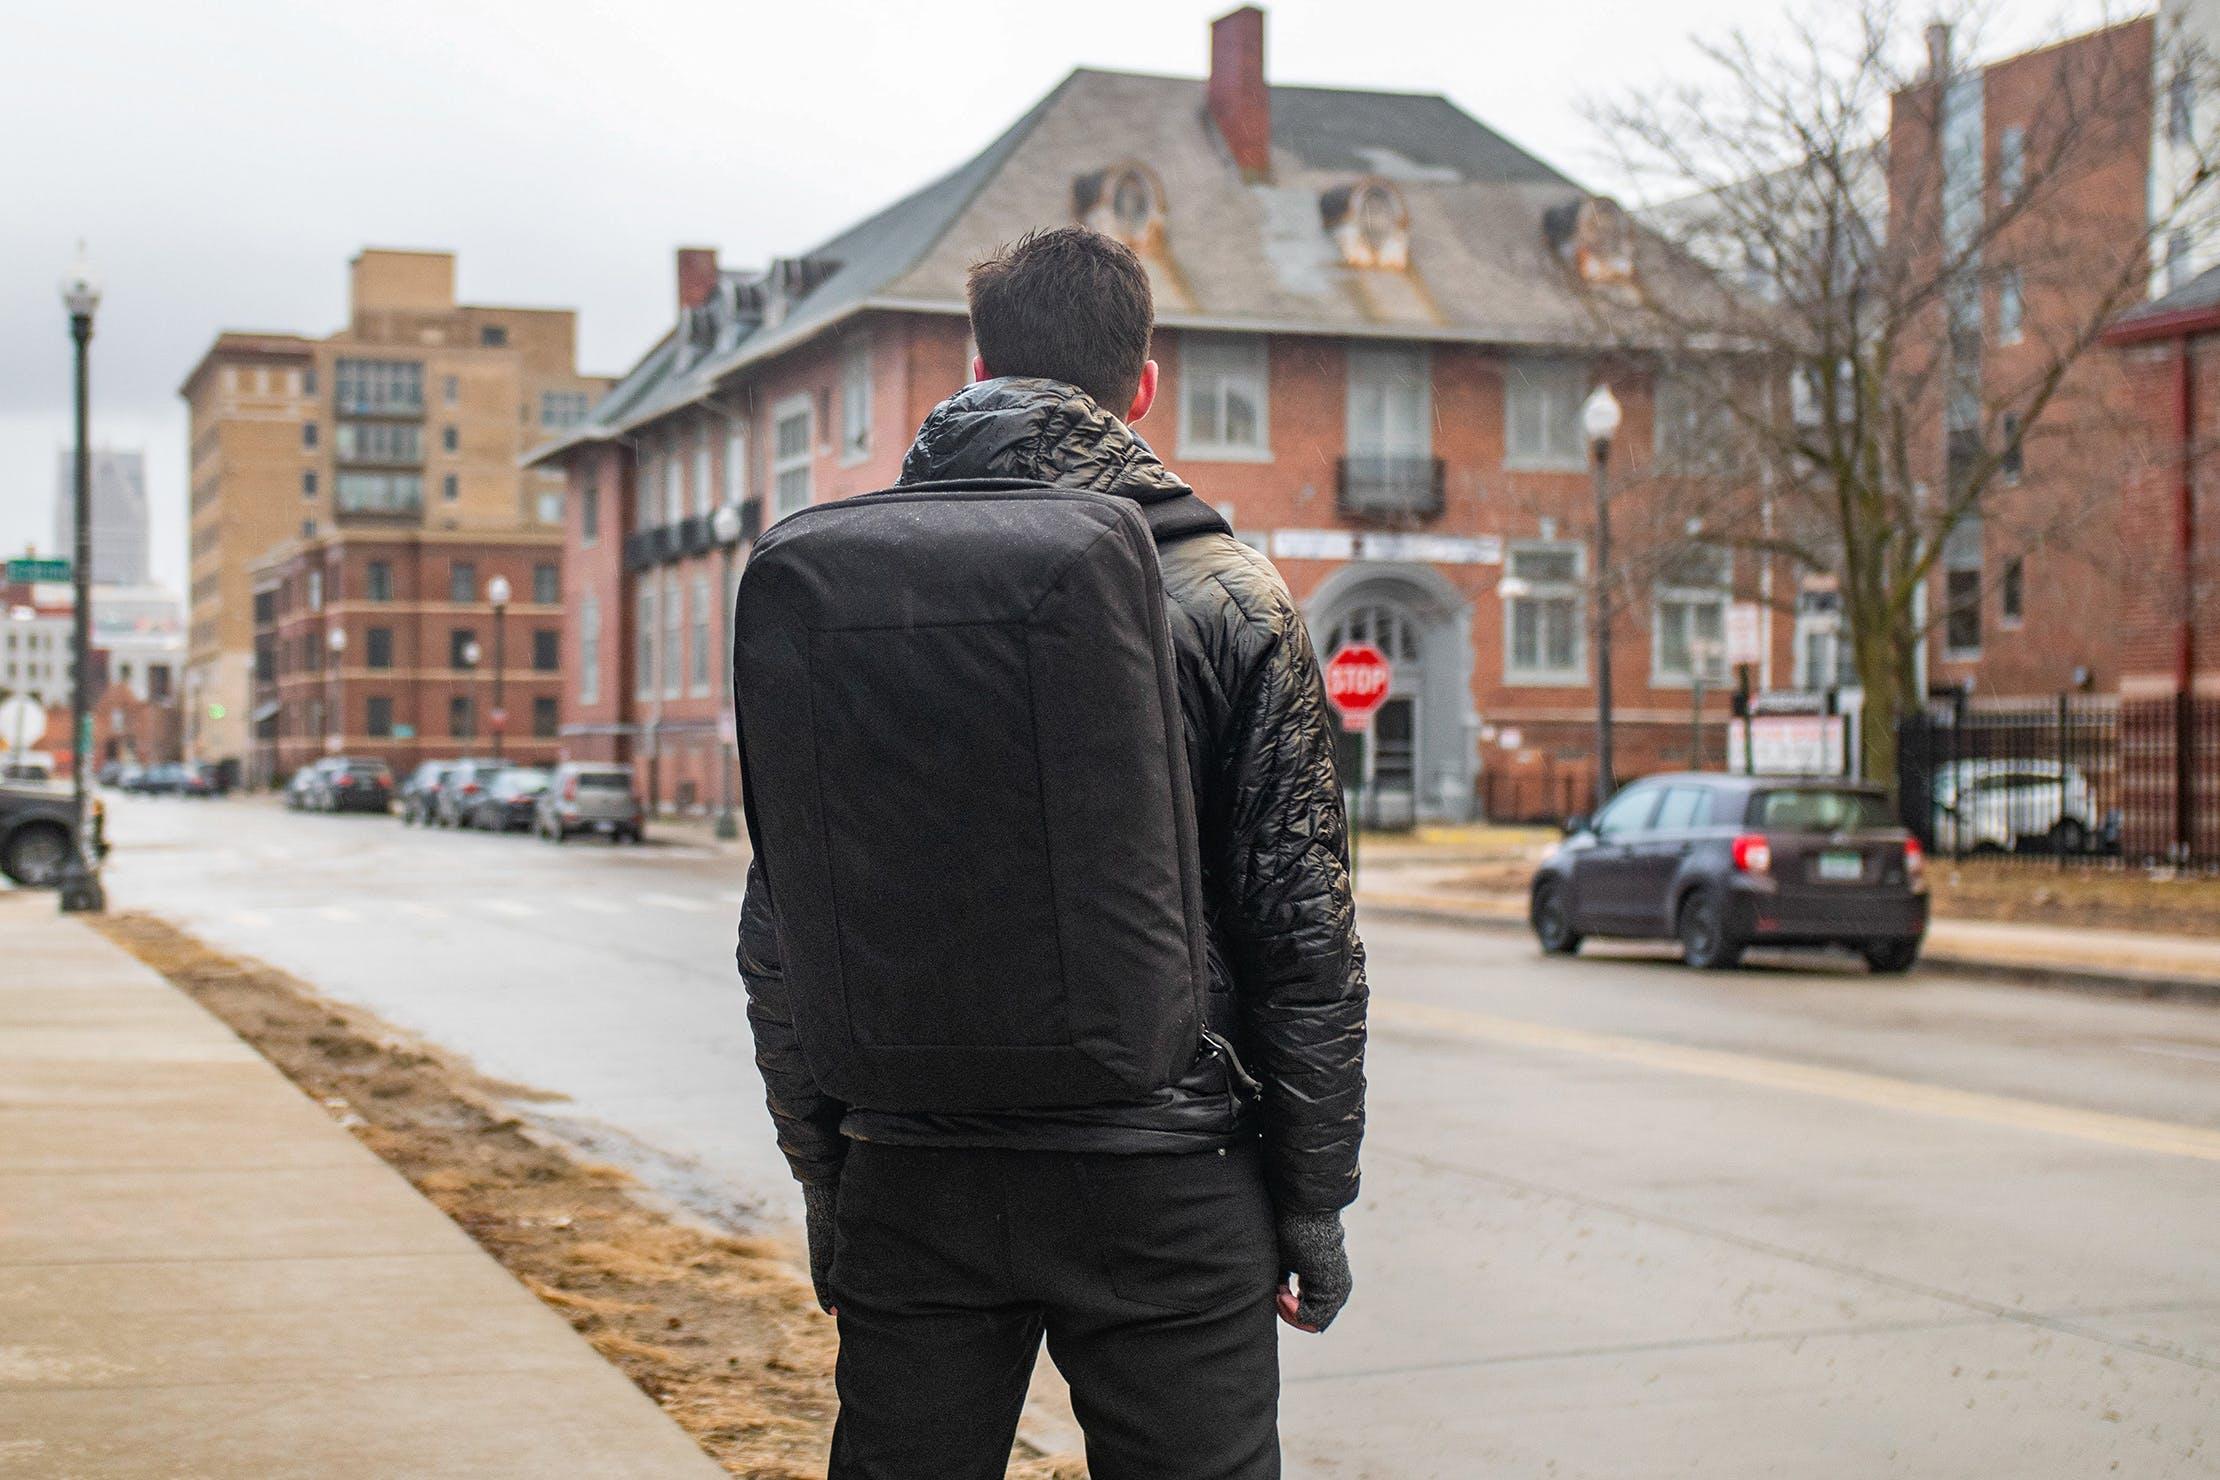 EVERGOODS CTB40 In Detroit, Michigan